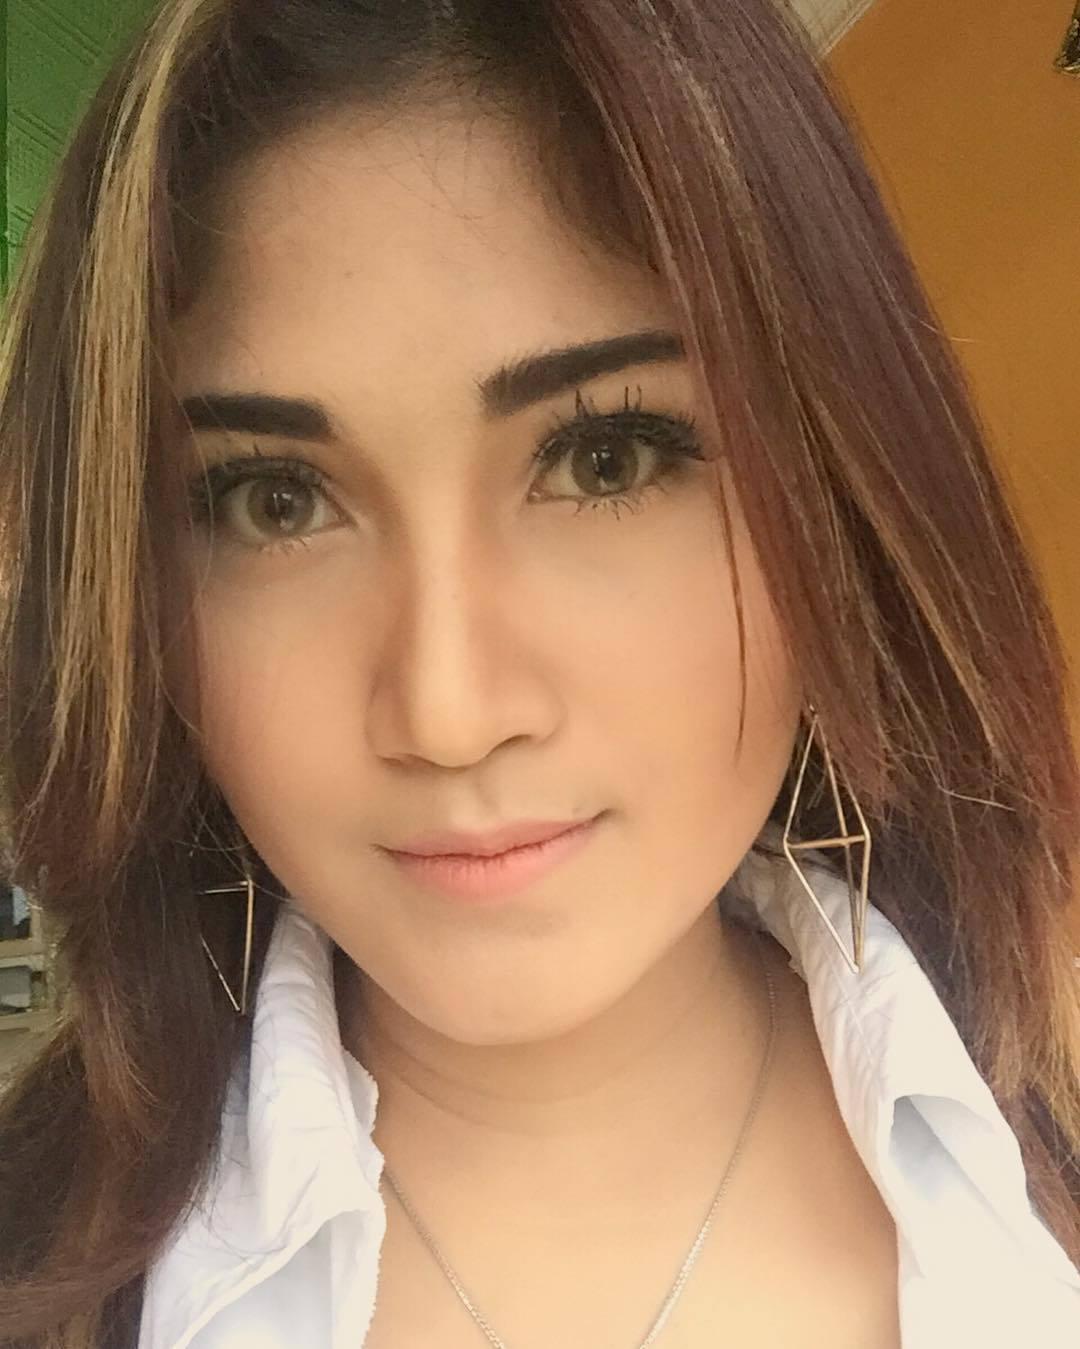 Penyanyi Dangdut Resa Lawang Sewu Semarang 2016 - Penyanyi Dangdut Ria